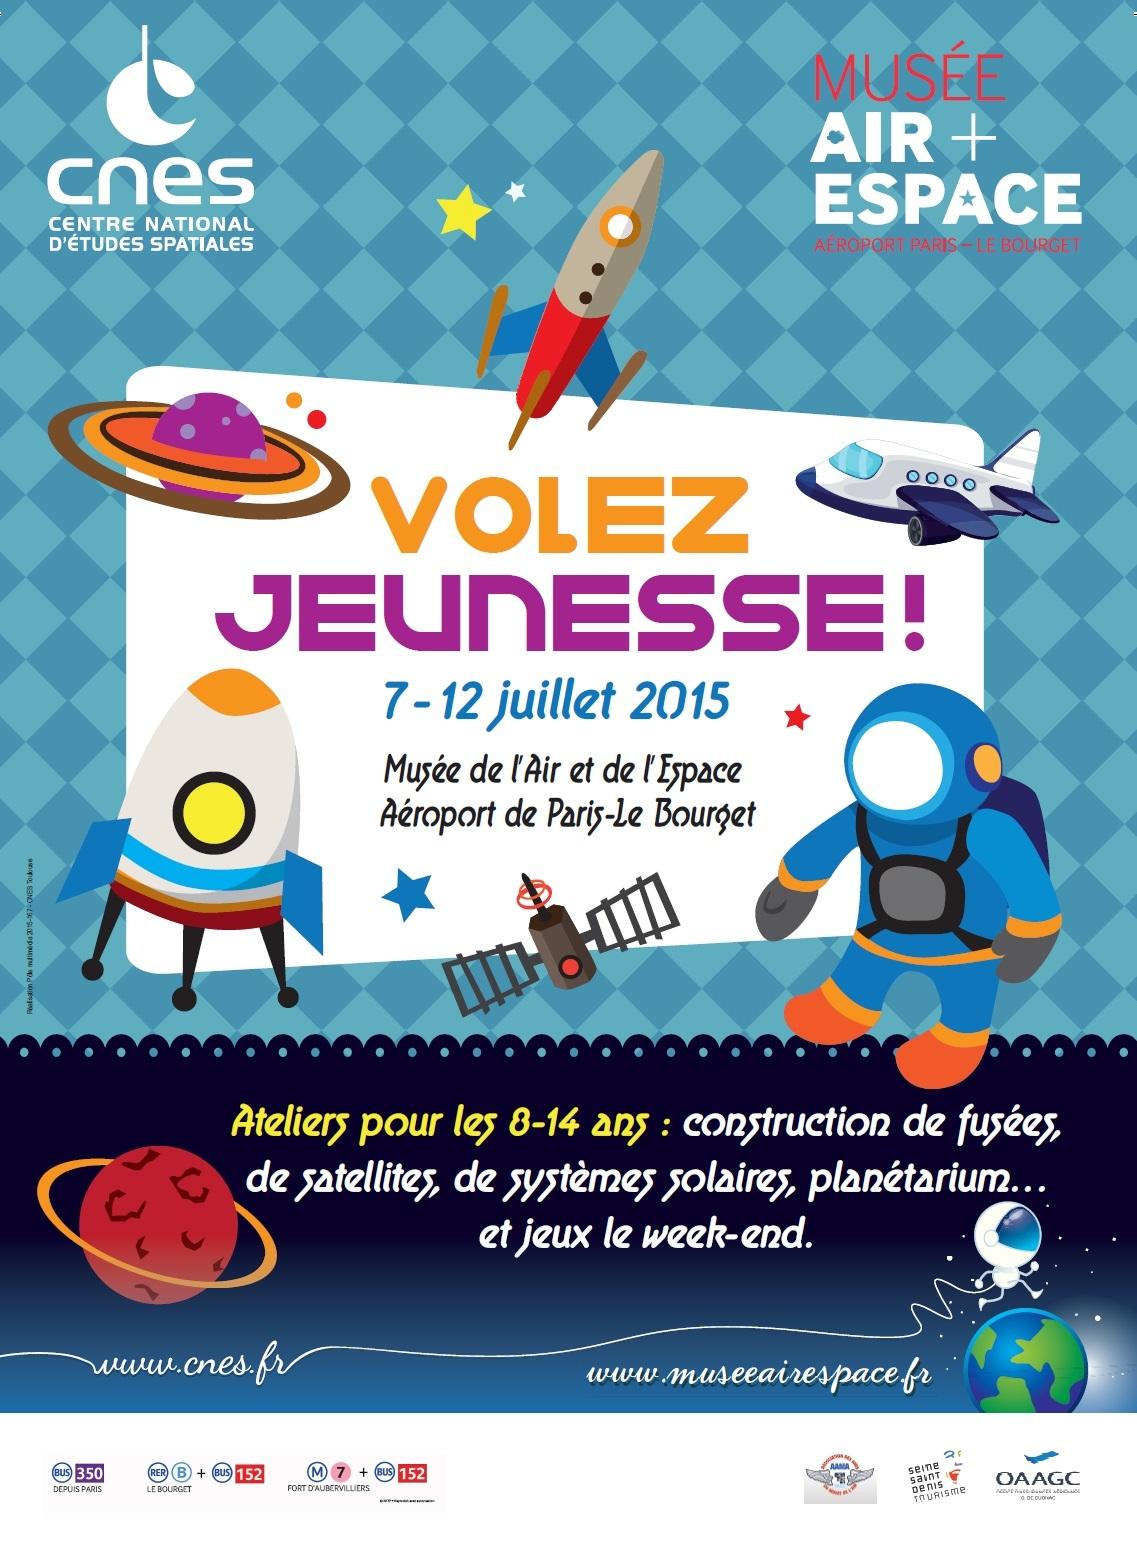 je_evenement_volez-jeunesse-2015.jpg